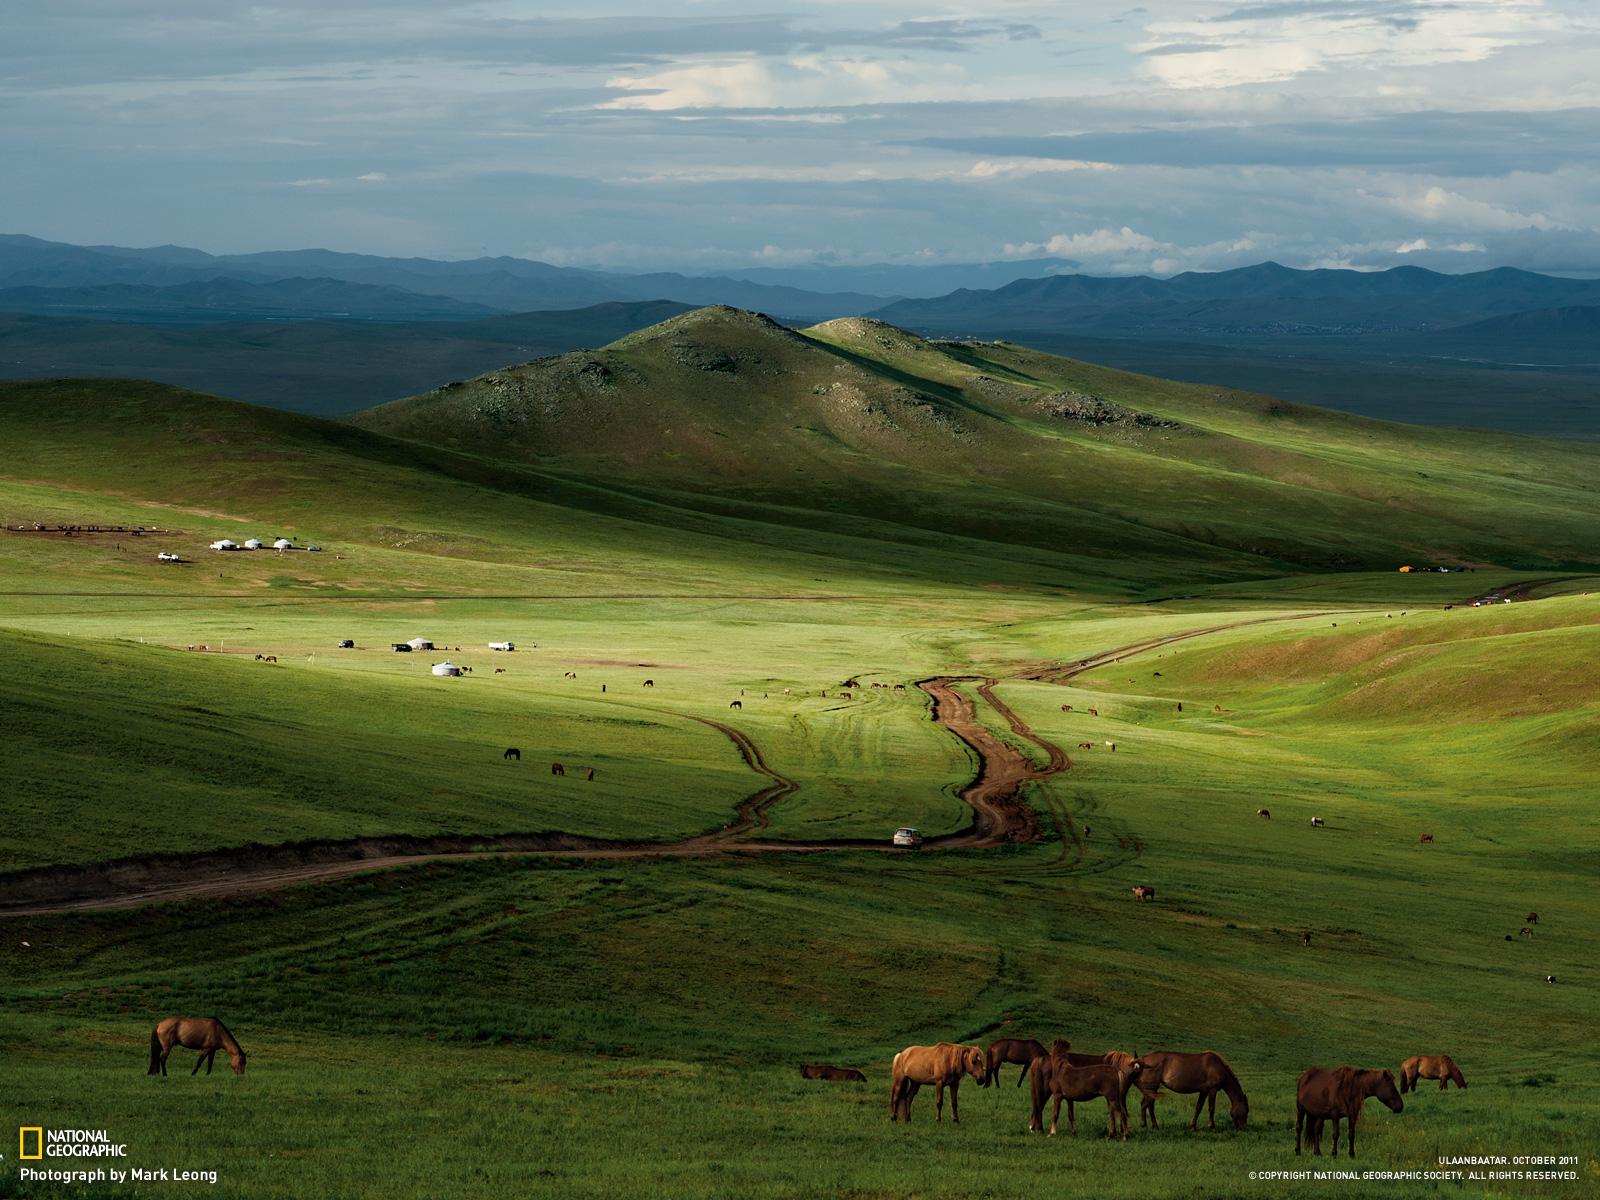 Mongolian steppe image nat geo.jpg